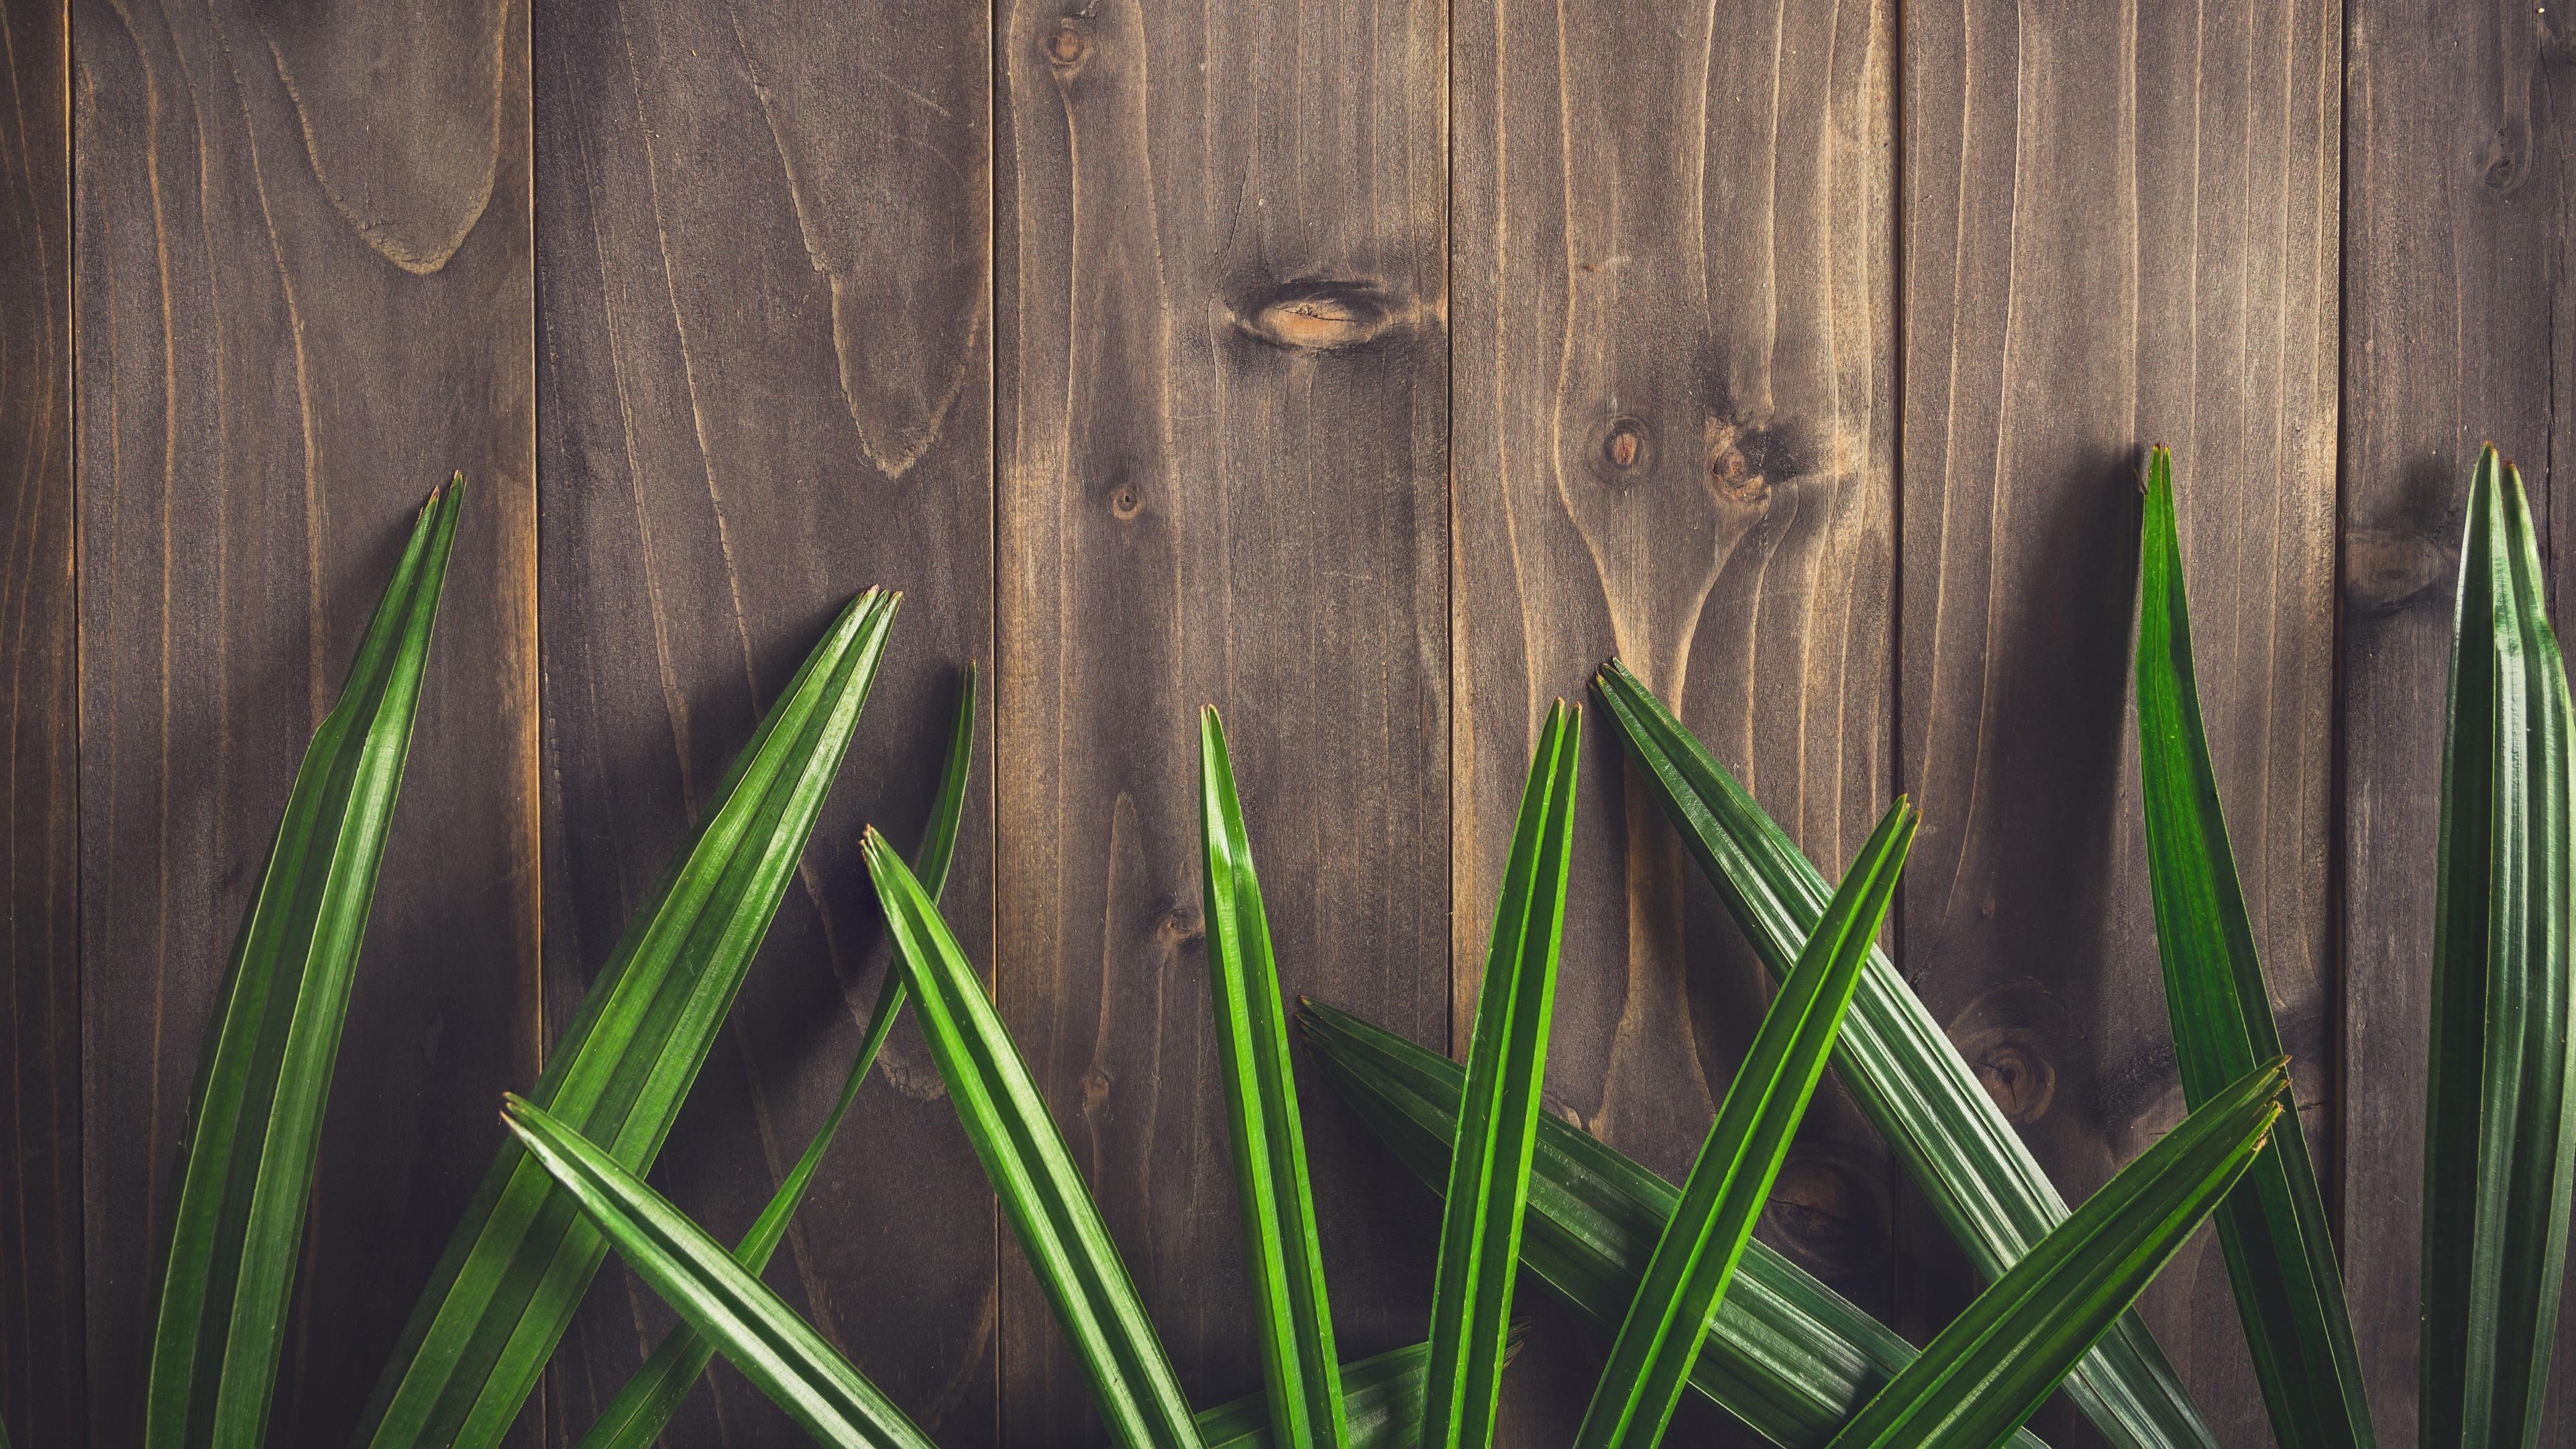 Fondos De Pantalla Fondo De Tablero De Madera De Colores: Fondos De Pantalla Hojas De Color Verde, Textura, Fondo De